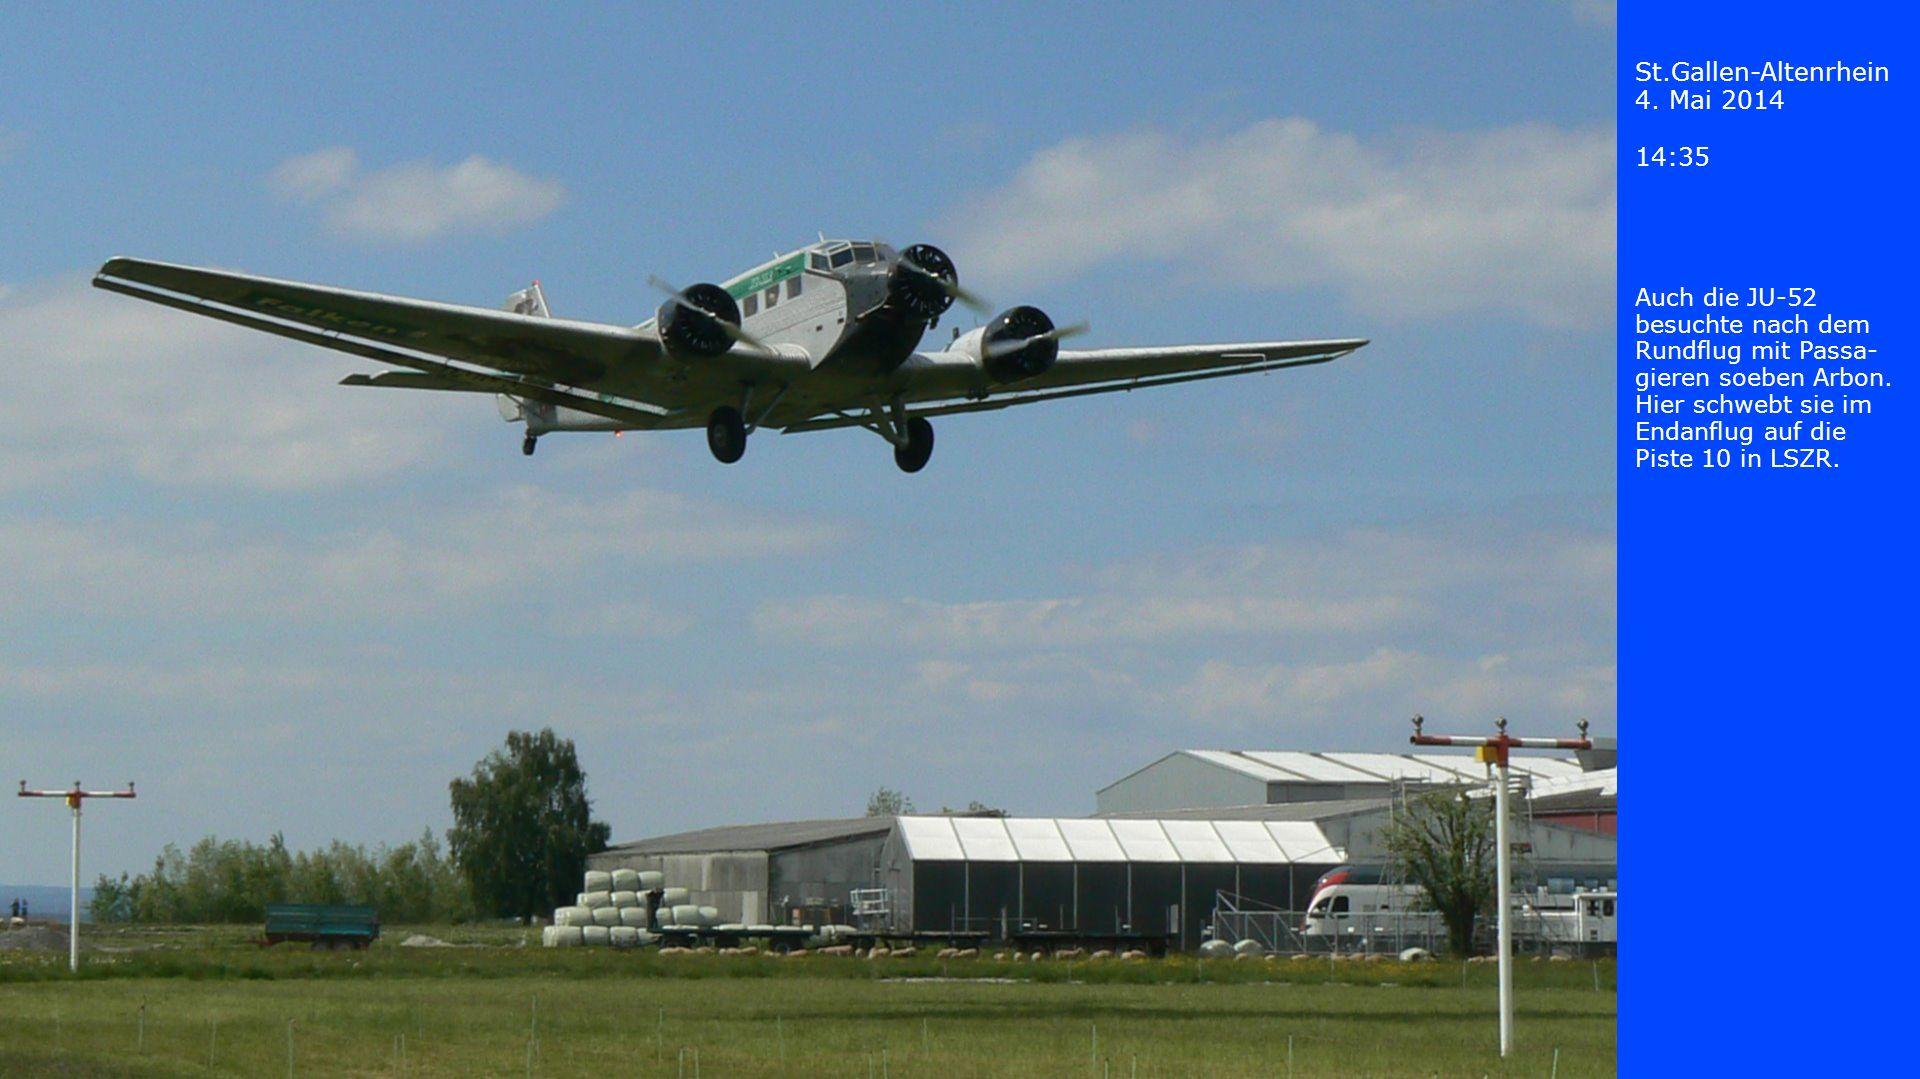 St.Gallen-Altenrhein 4. Mai 2014 14:35 Auch die JU-52 besuchte nach dem Rundflug mit Passa- gieren soeben Arbon. Hier schwebt sie im Endanflug auf die